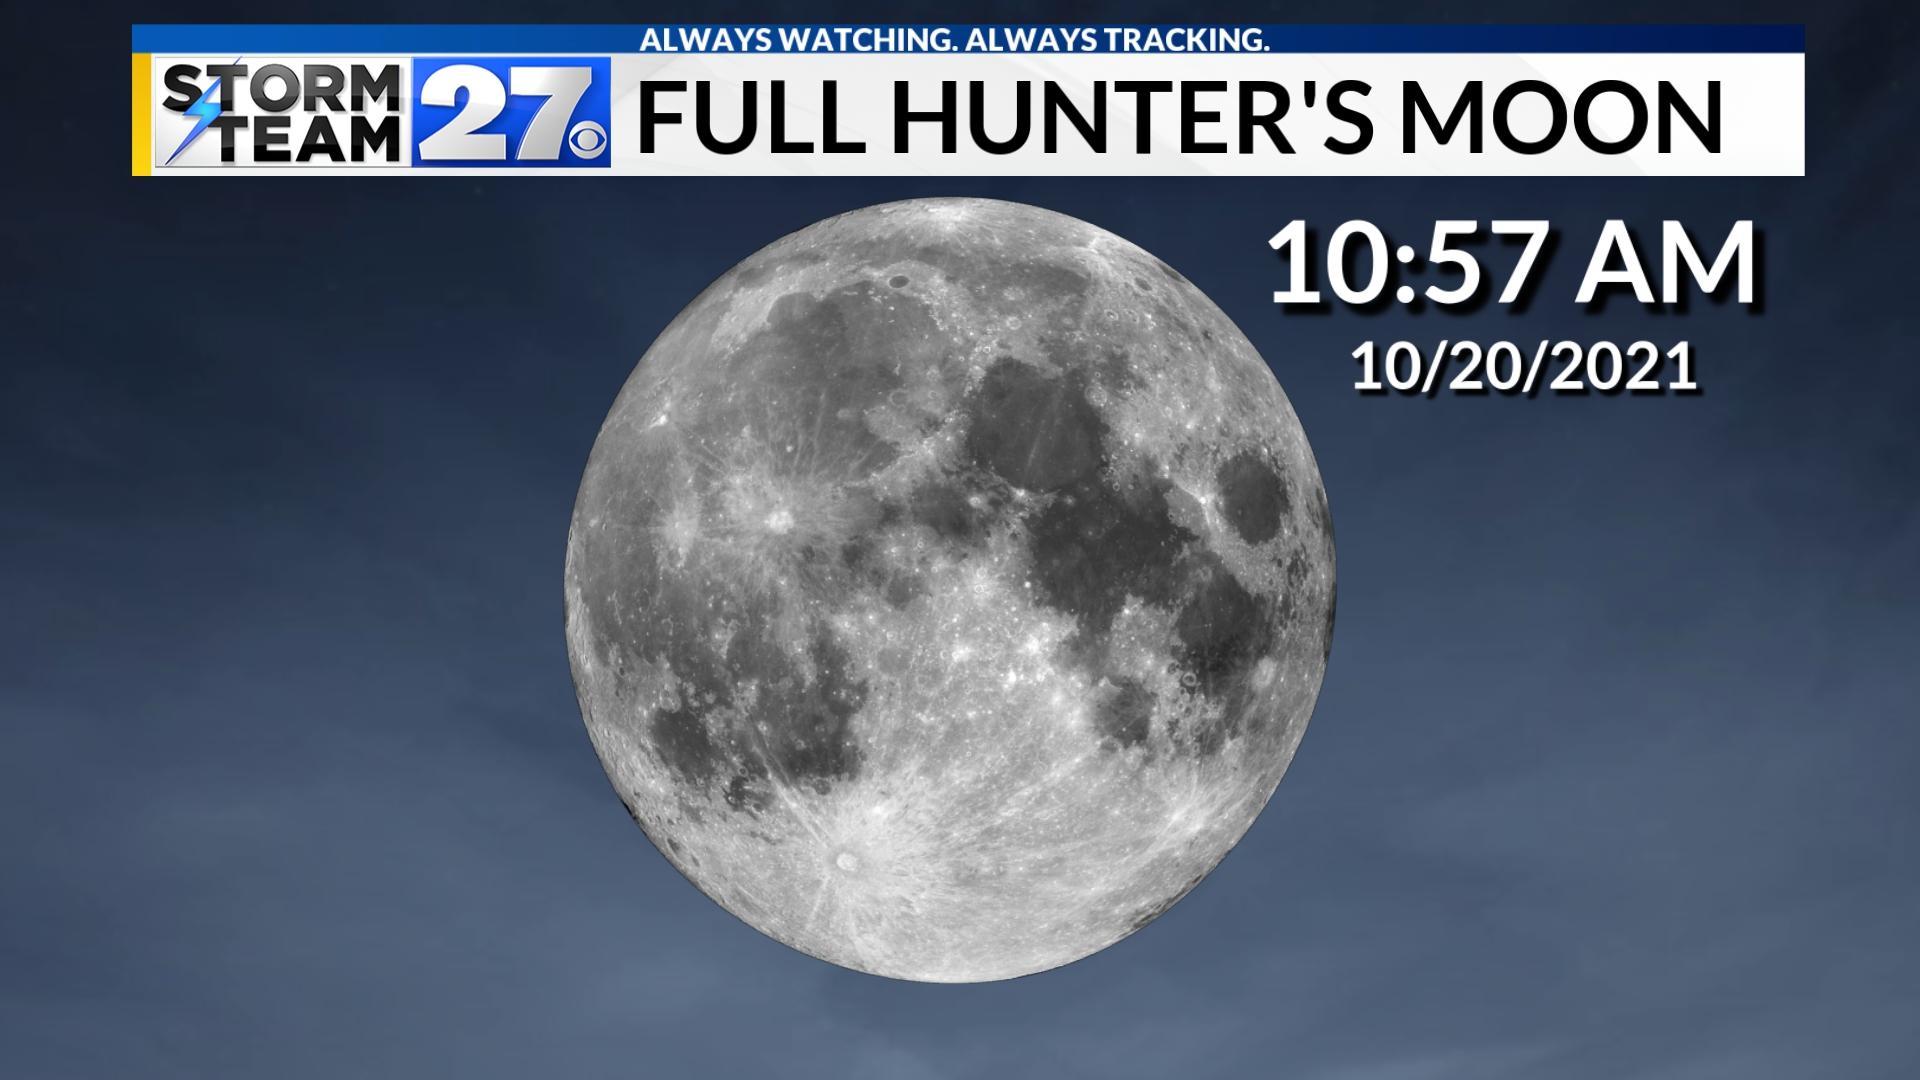 The Full Hunter's Moon